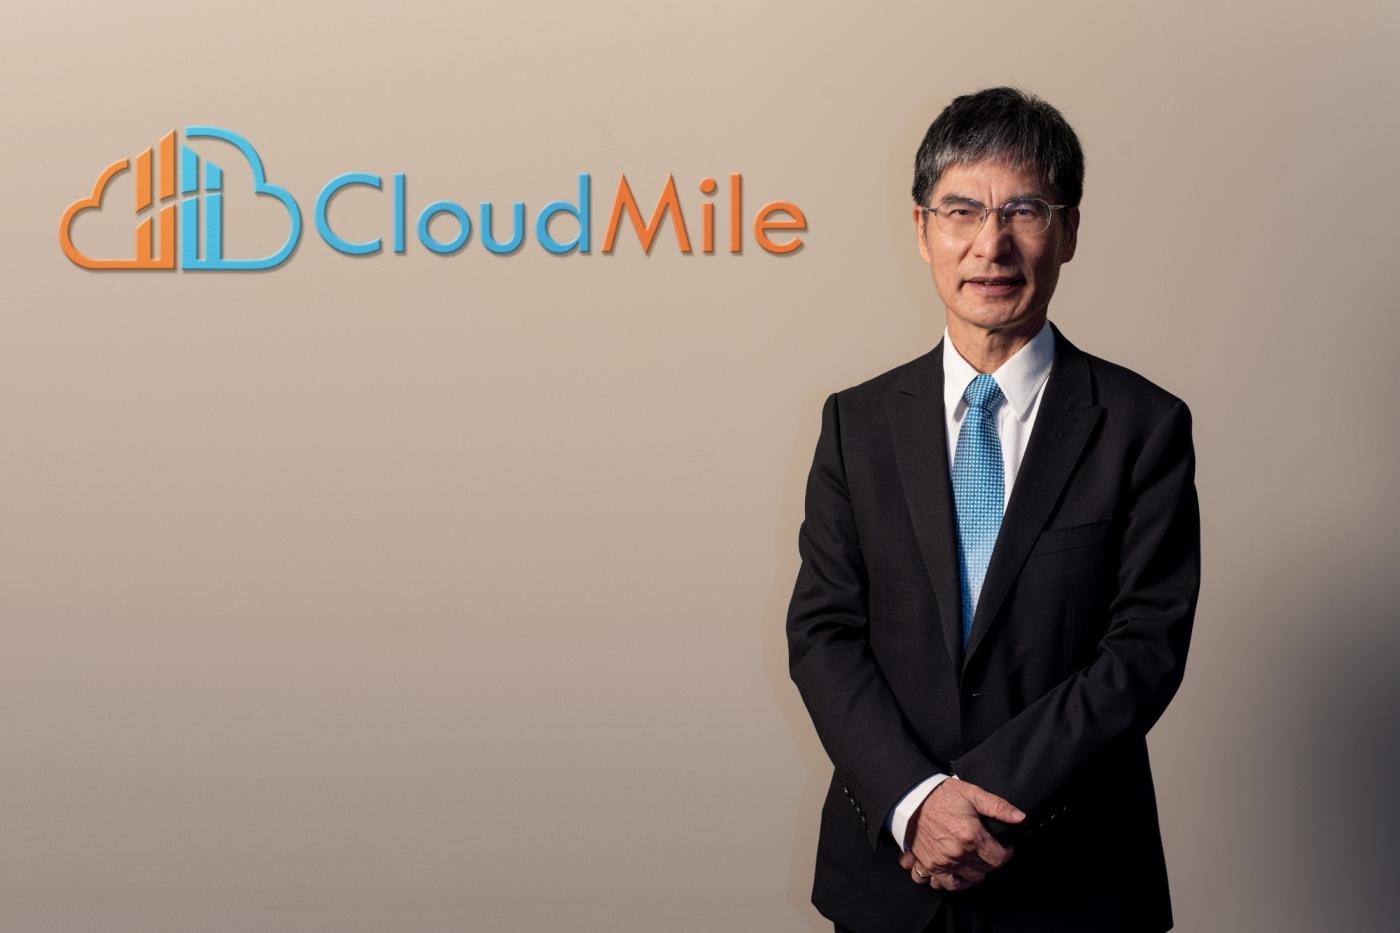 CloudMile 萬里雲獲全台第一家 Google Cloud MSP 託管認證 攜手陳良基助企業導入全方位雲戰略